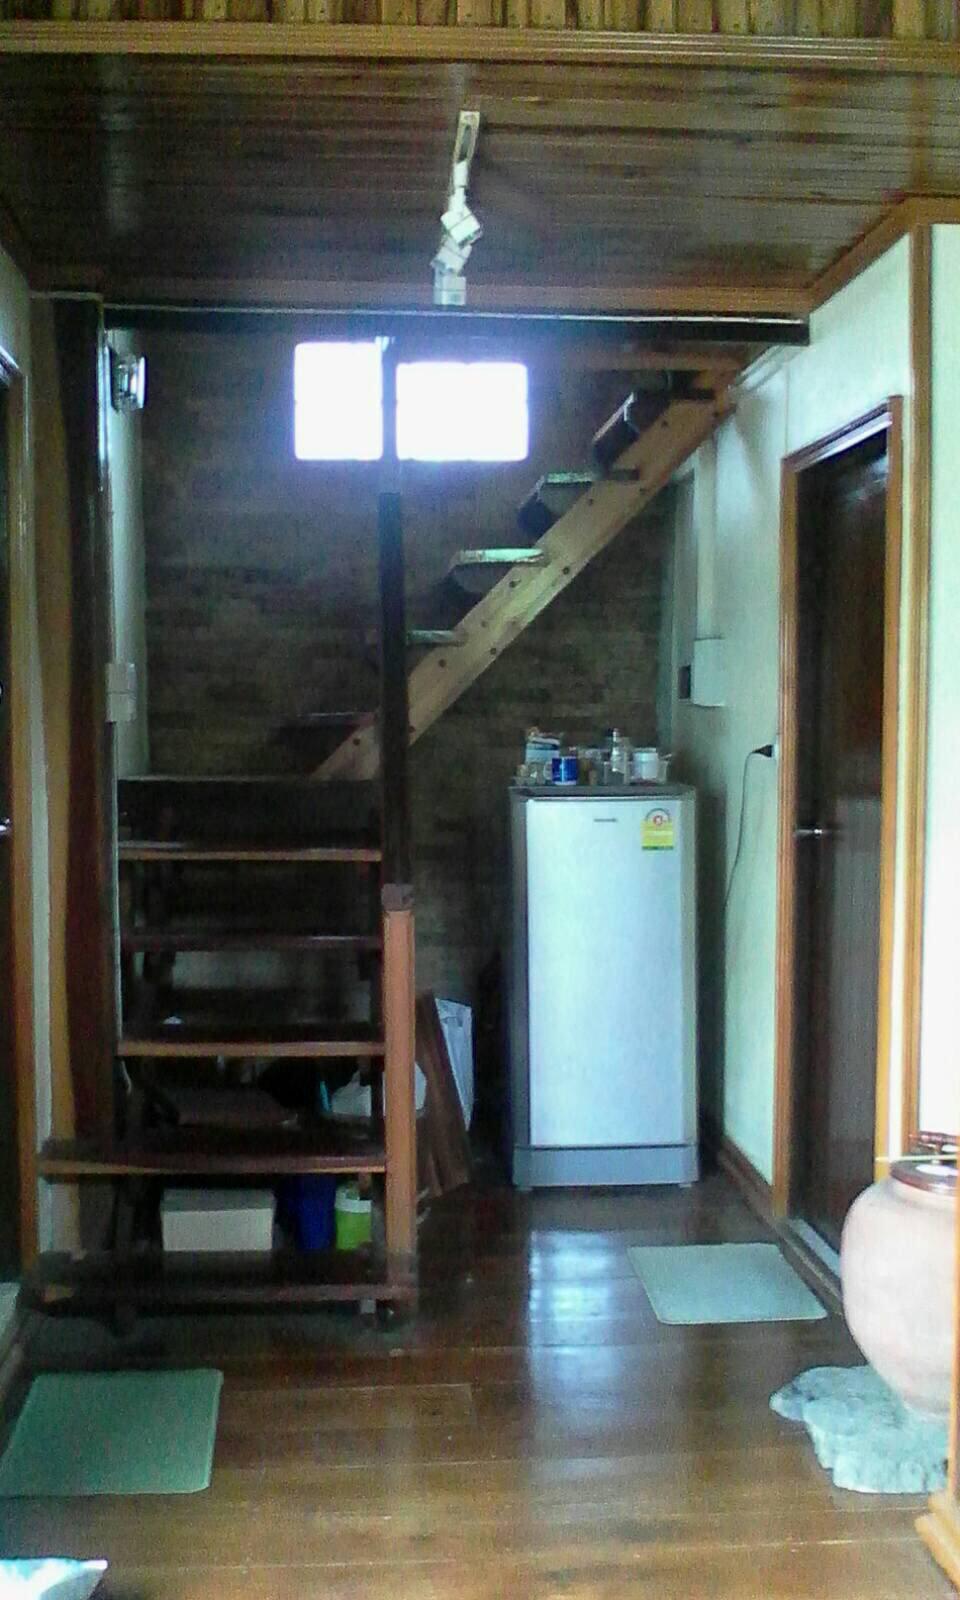 ขายบ้าน 2 หลัง ในที่ดิน 100 ตรว. (ติดตลาดนนทบุรี) 089-844-8404 รูปที่ 5